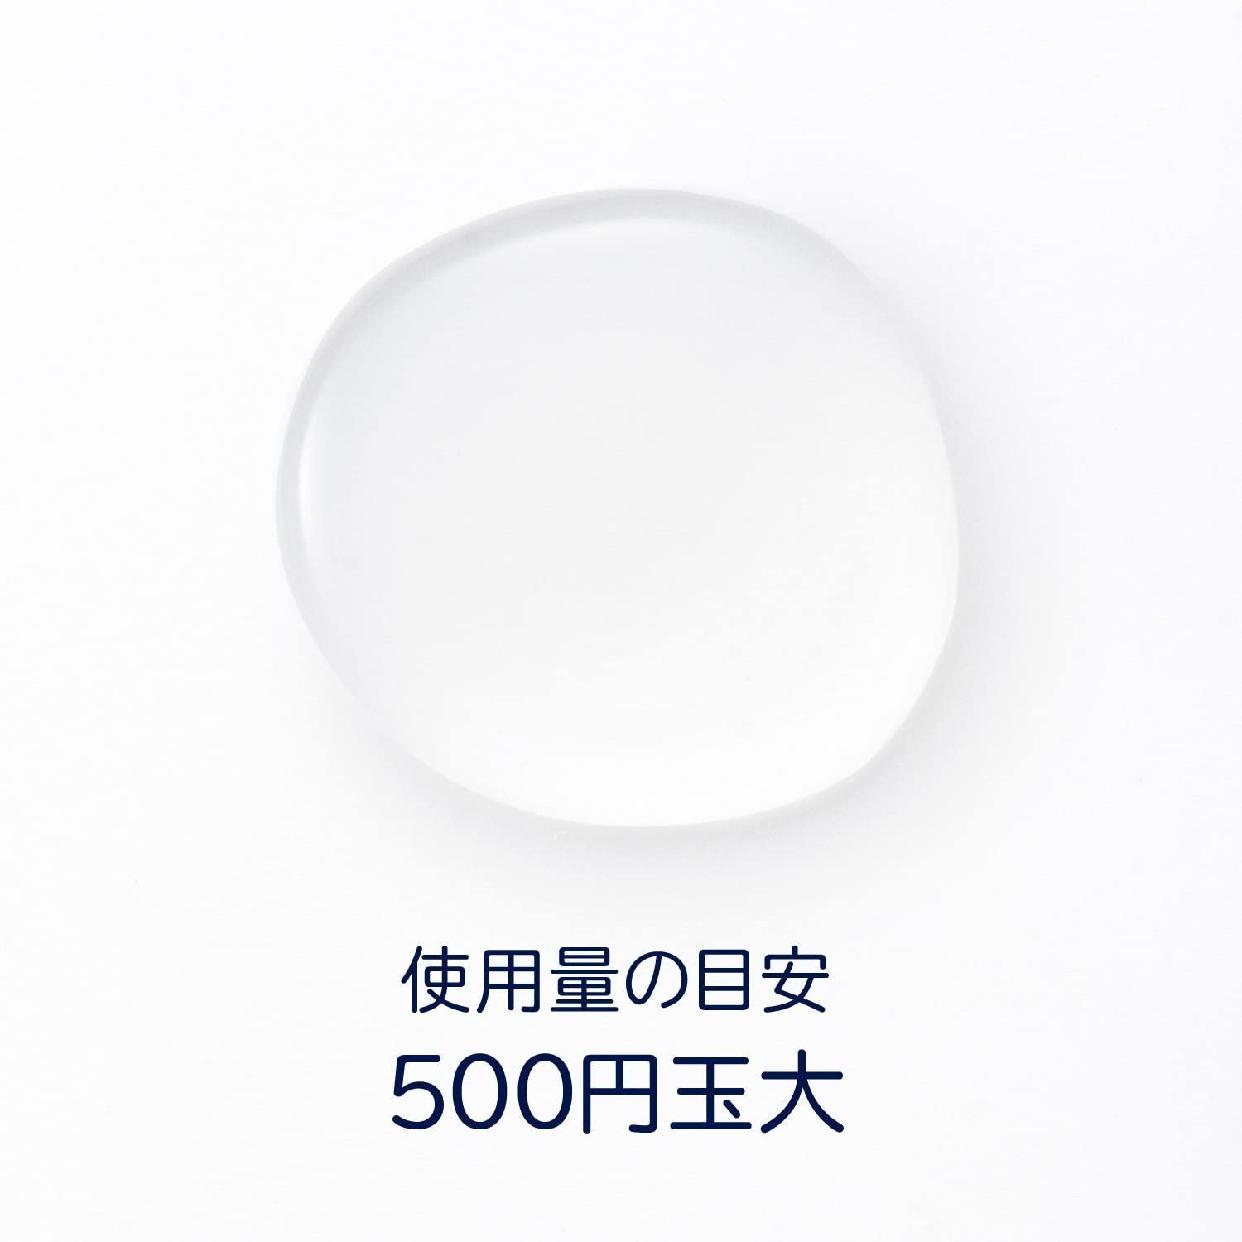 ettusais(エテュセ) オム 薬用アクネウォーター アルコールフリーの商品画像5